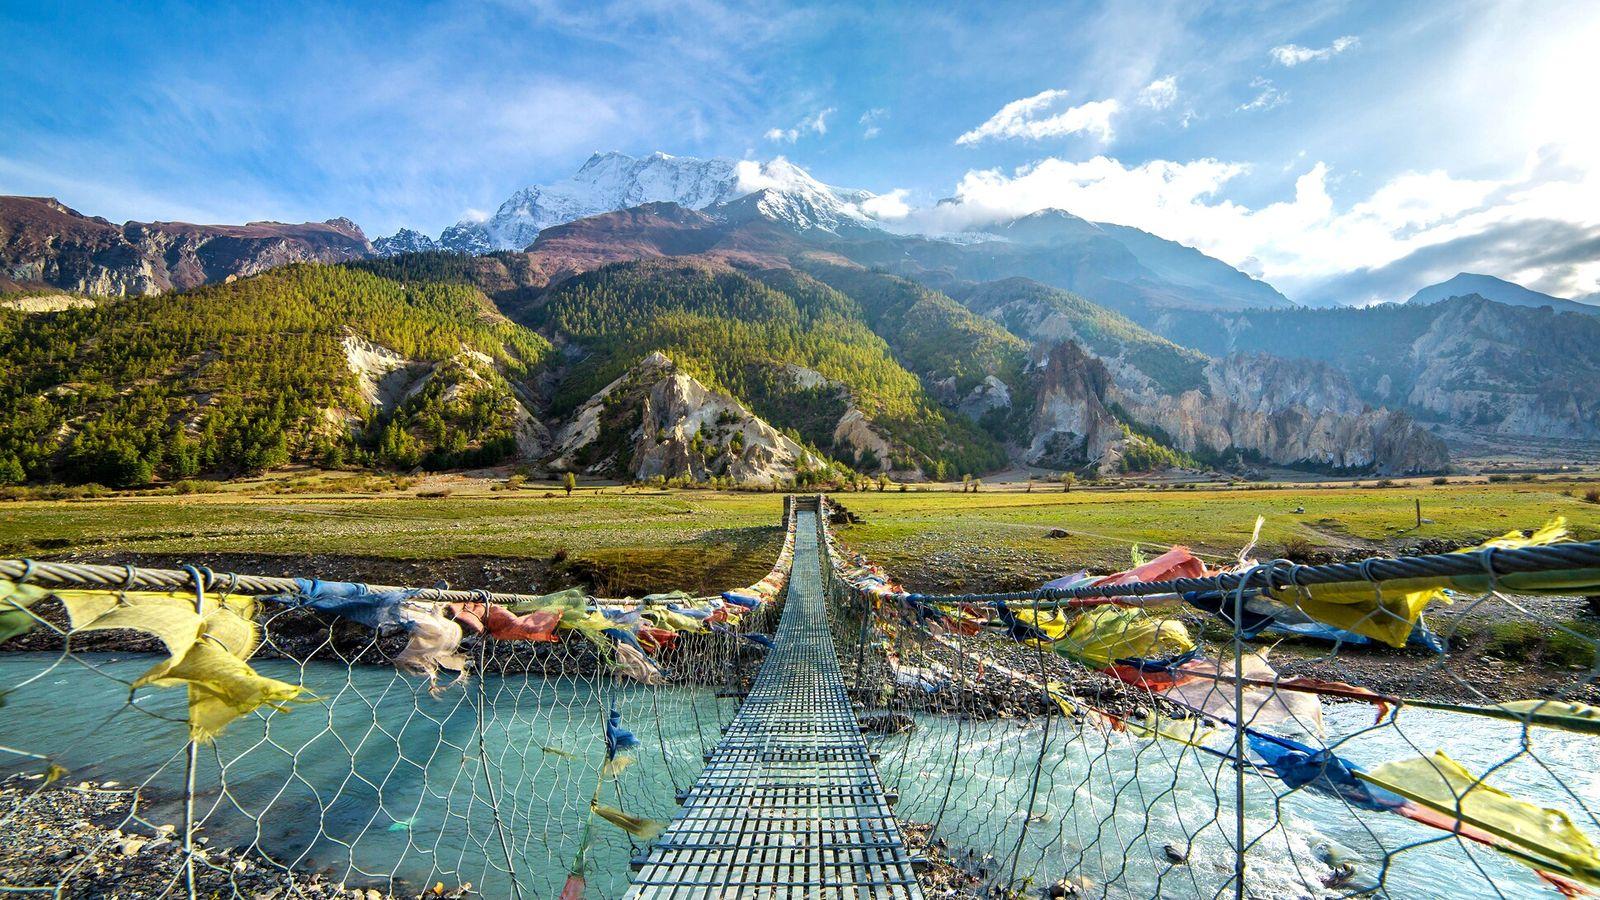 Ce pont décoré de drapeaux de prière enjambe une rivière du district de Mustang au Népal, une ...